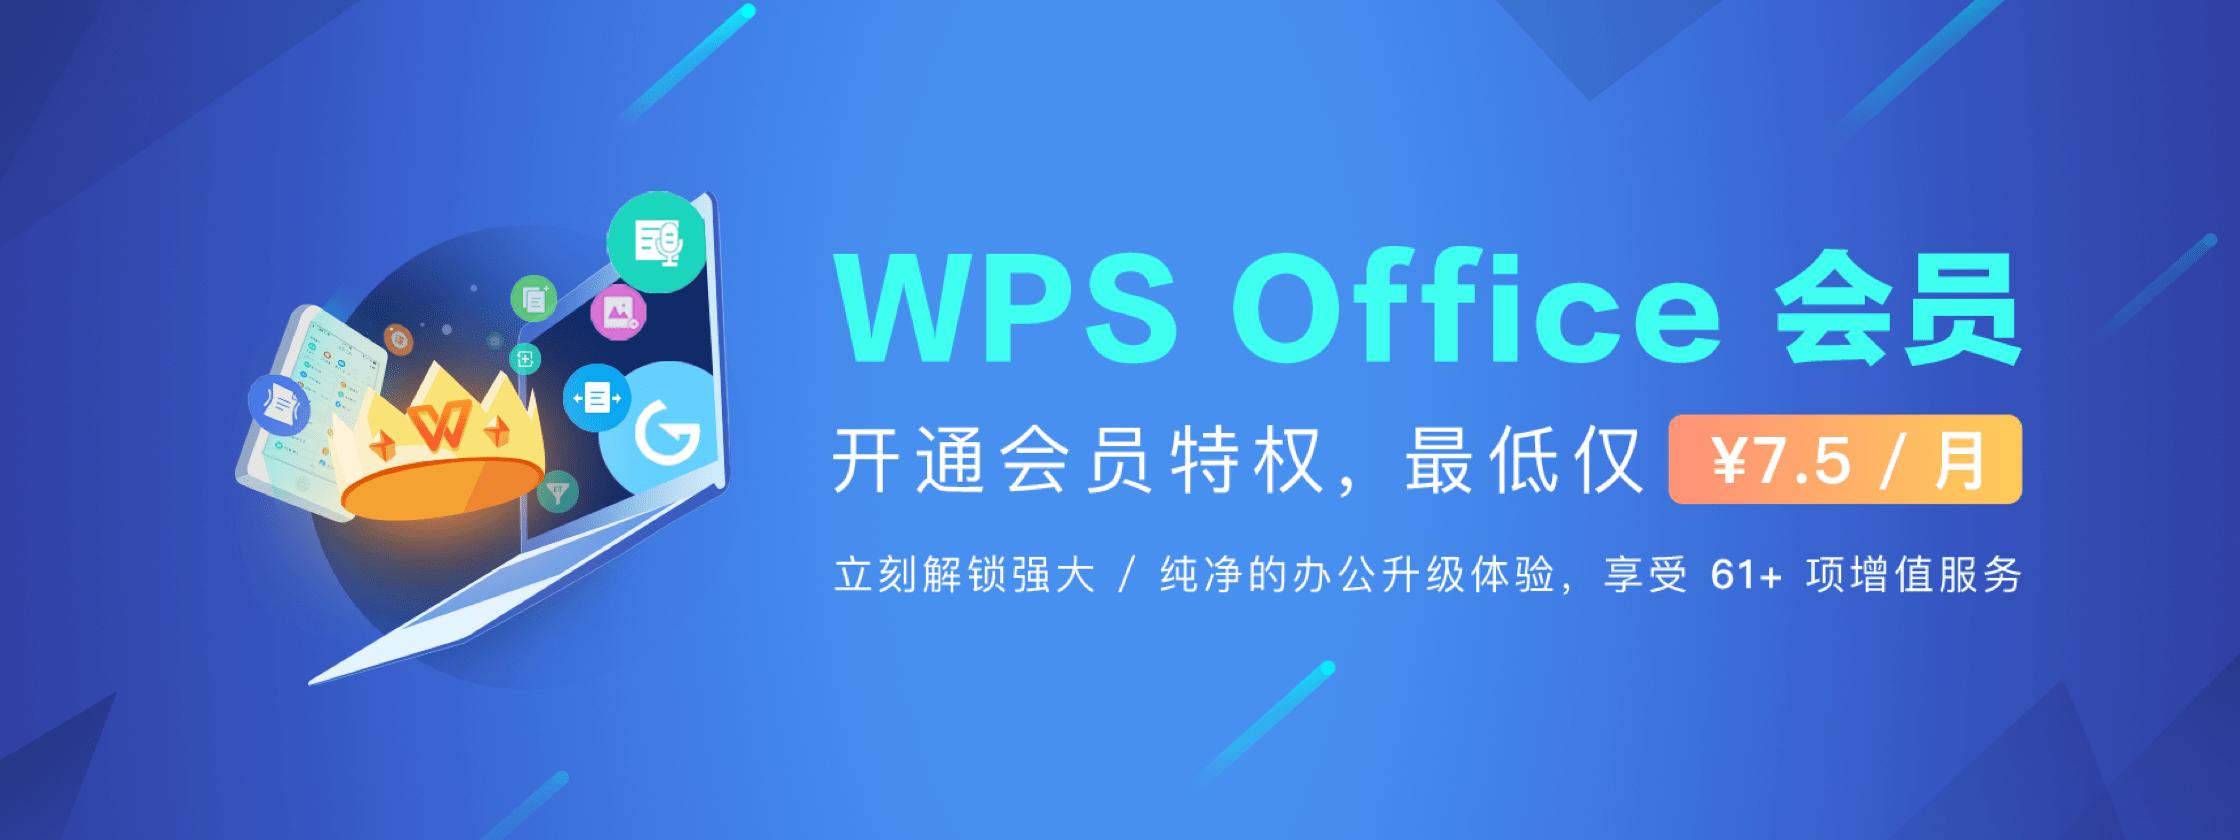 WPS Office 会员 –  WPS 全平台适用的一站式办公增值服务